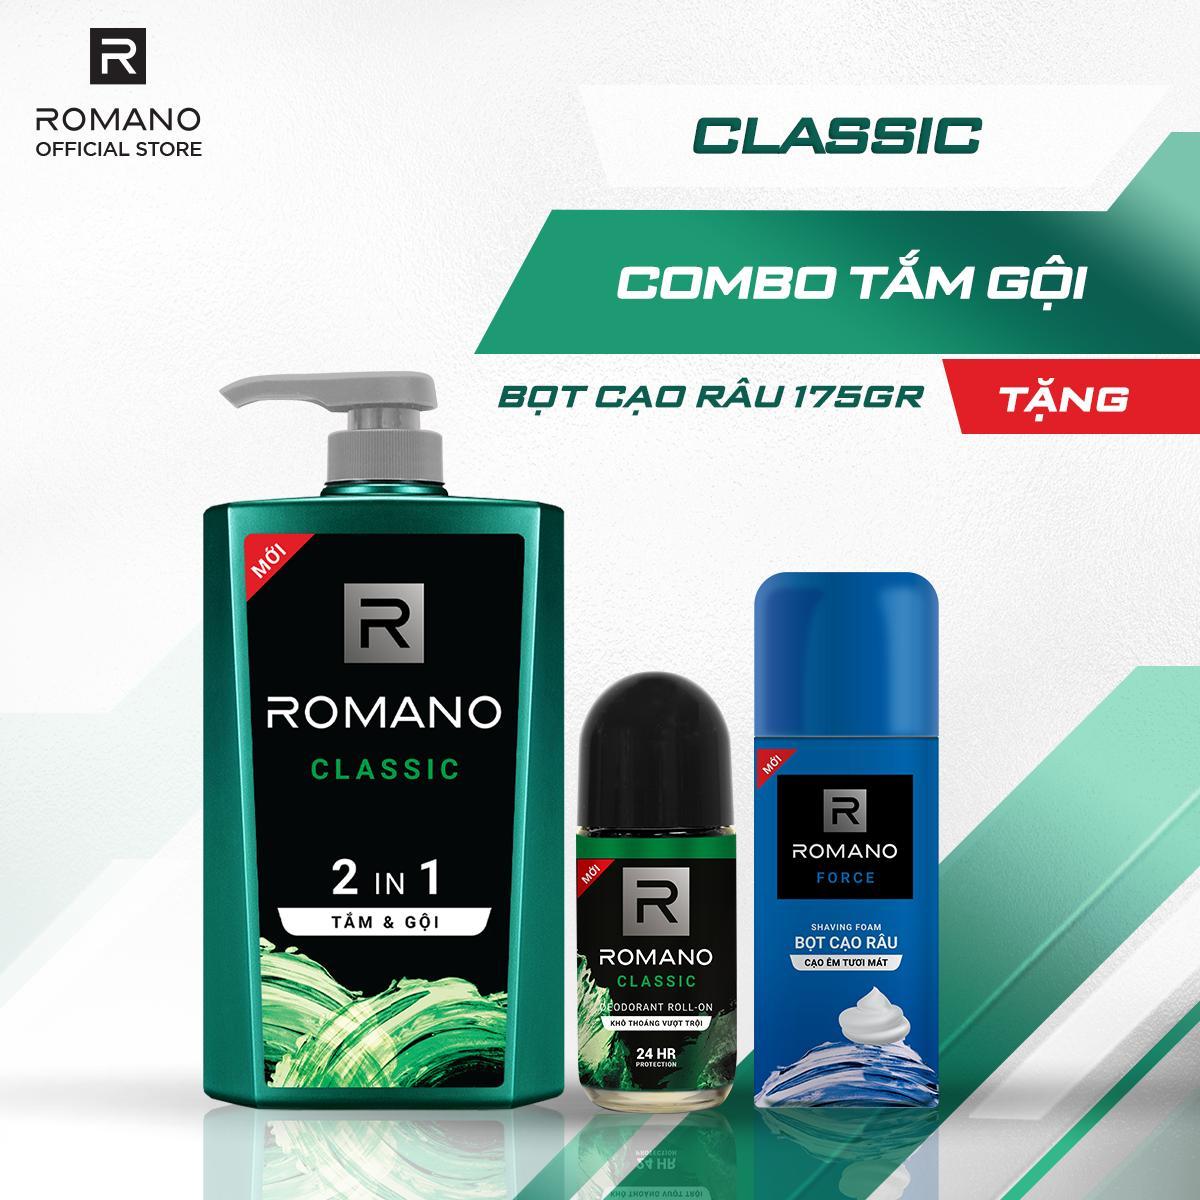 Combo tắm gội 2 trong 1 Romano Classic 650gr & lăn khử mùi Classic 50ml tặng bọt cạo râu Force175gr nhập khẩu